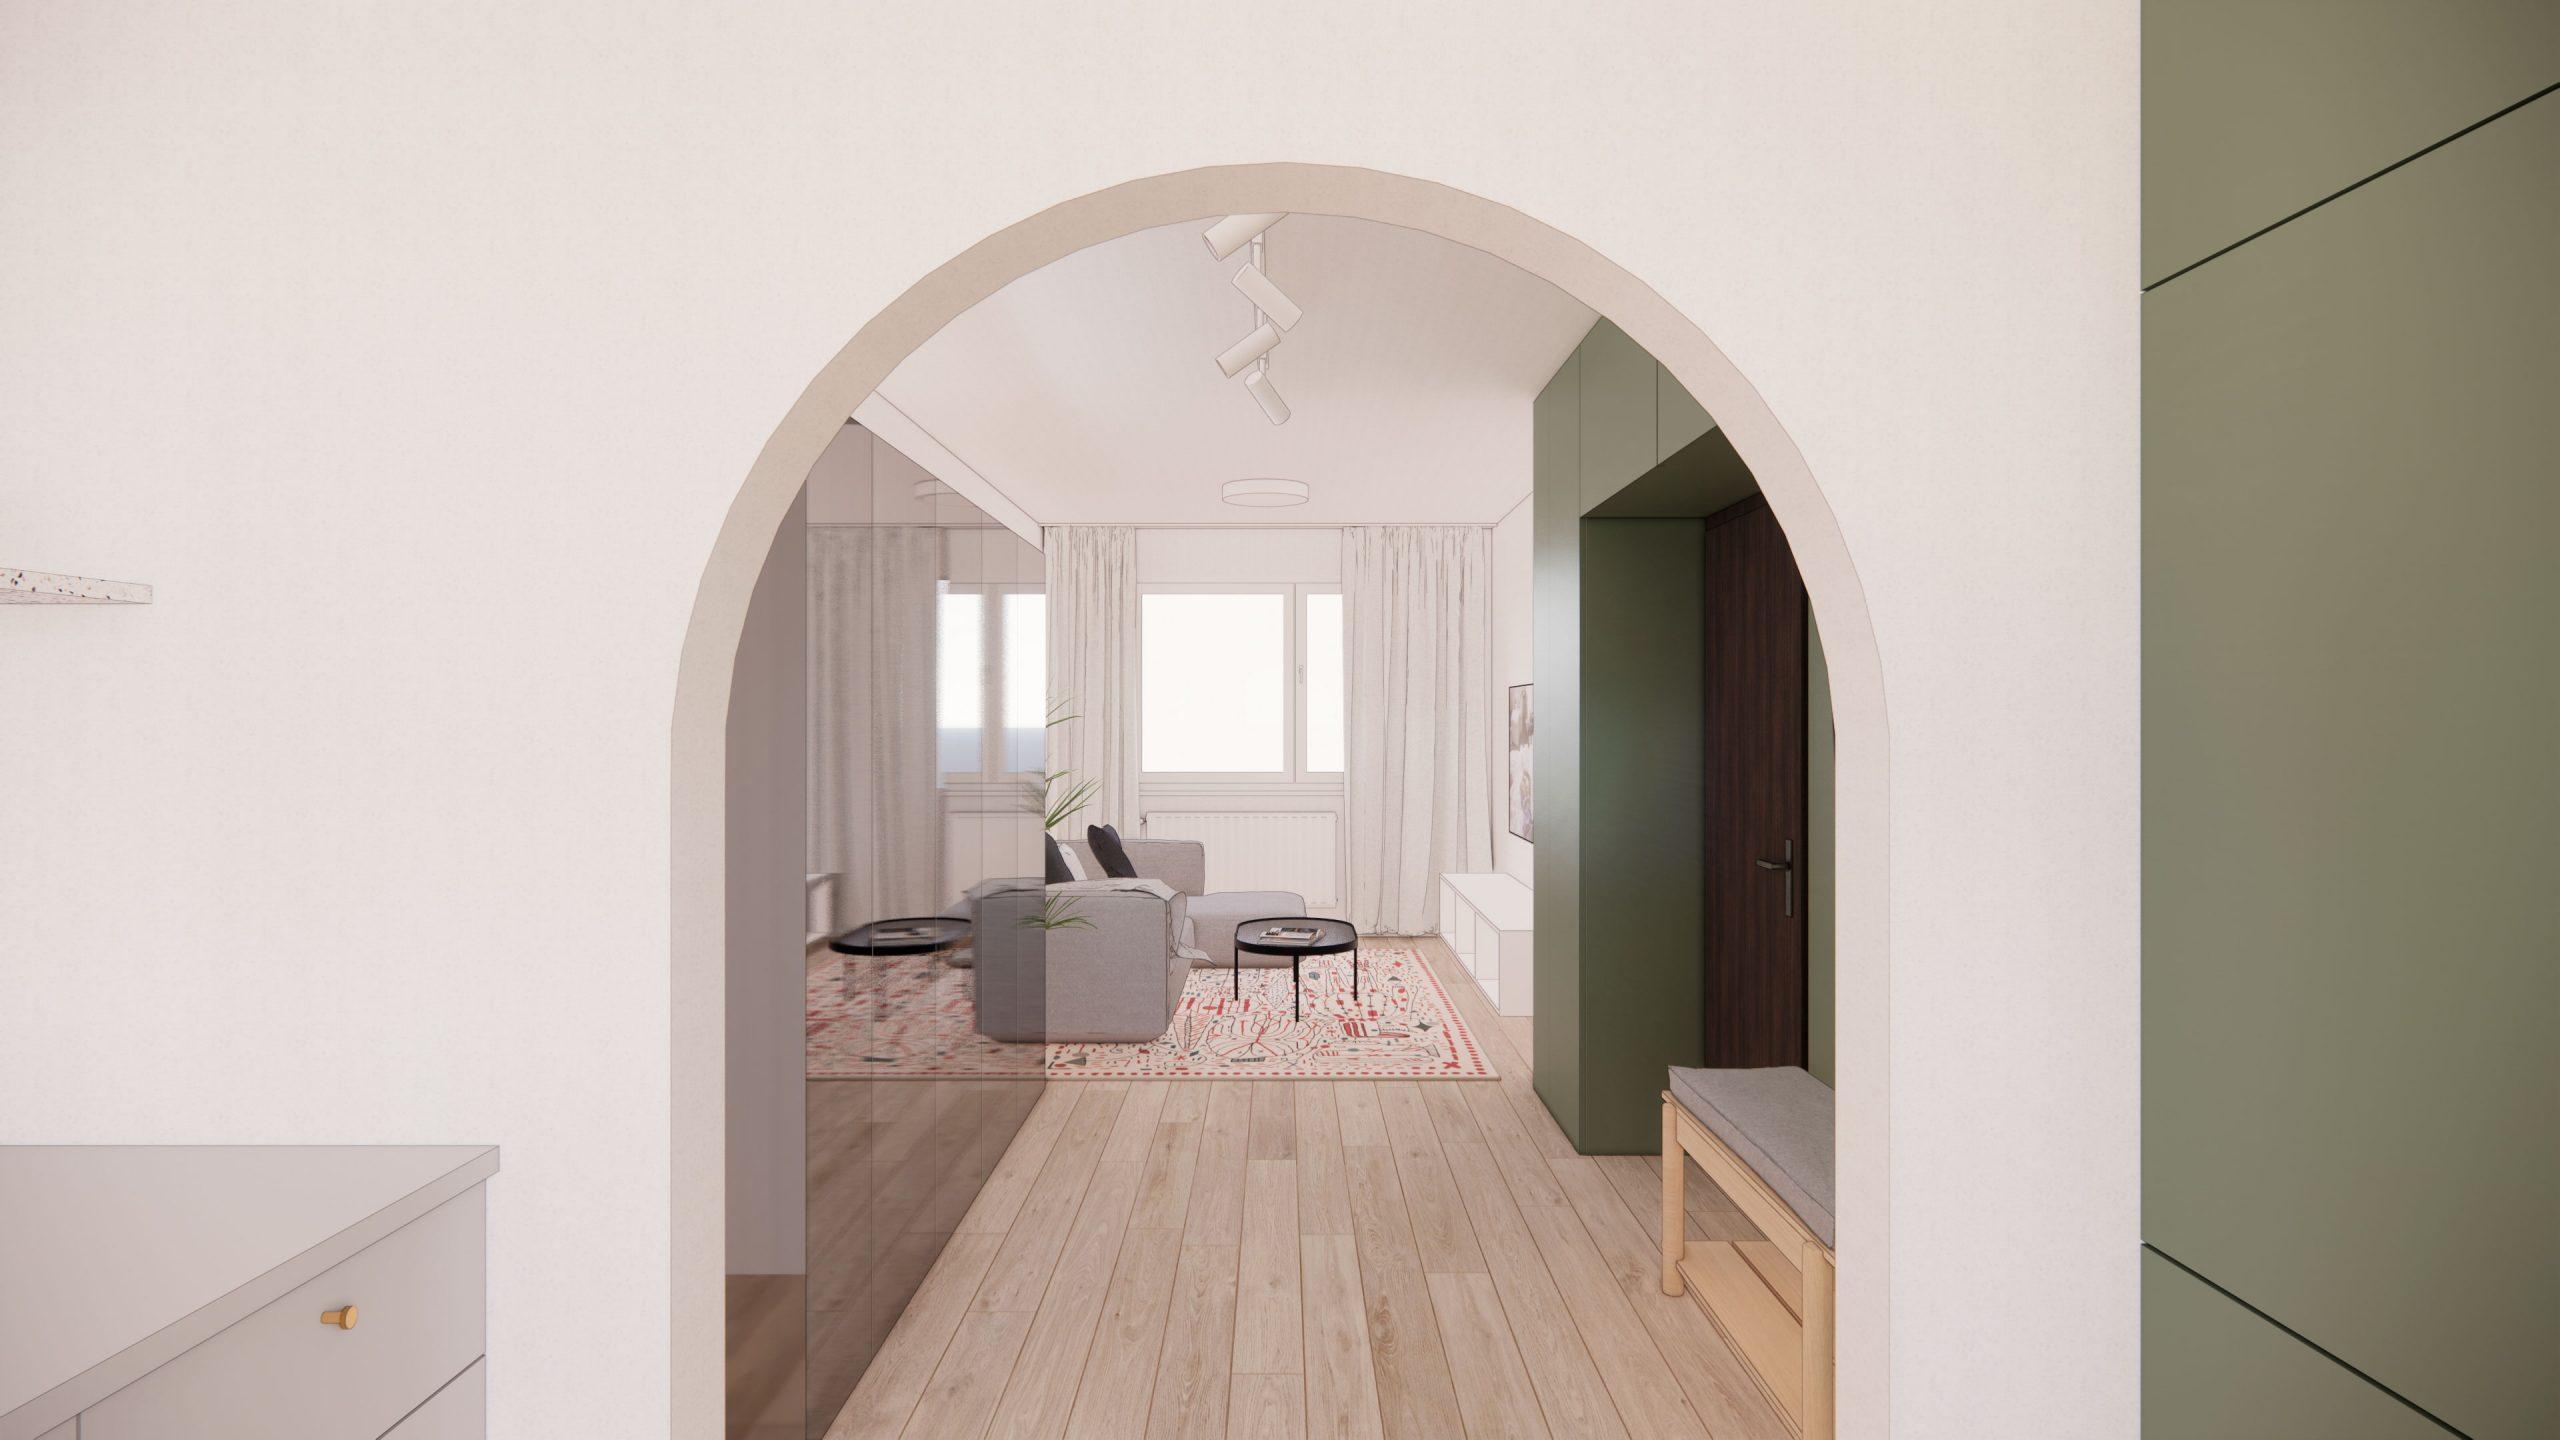 noiz-architekti-interier-byt-pifflova-08